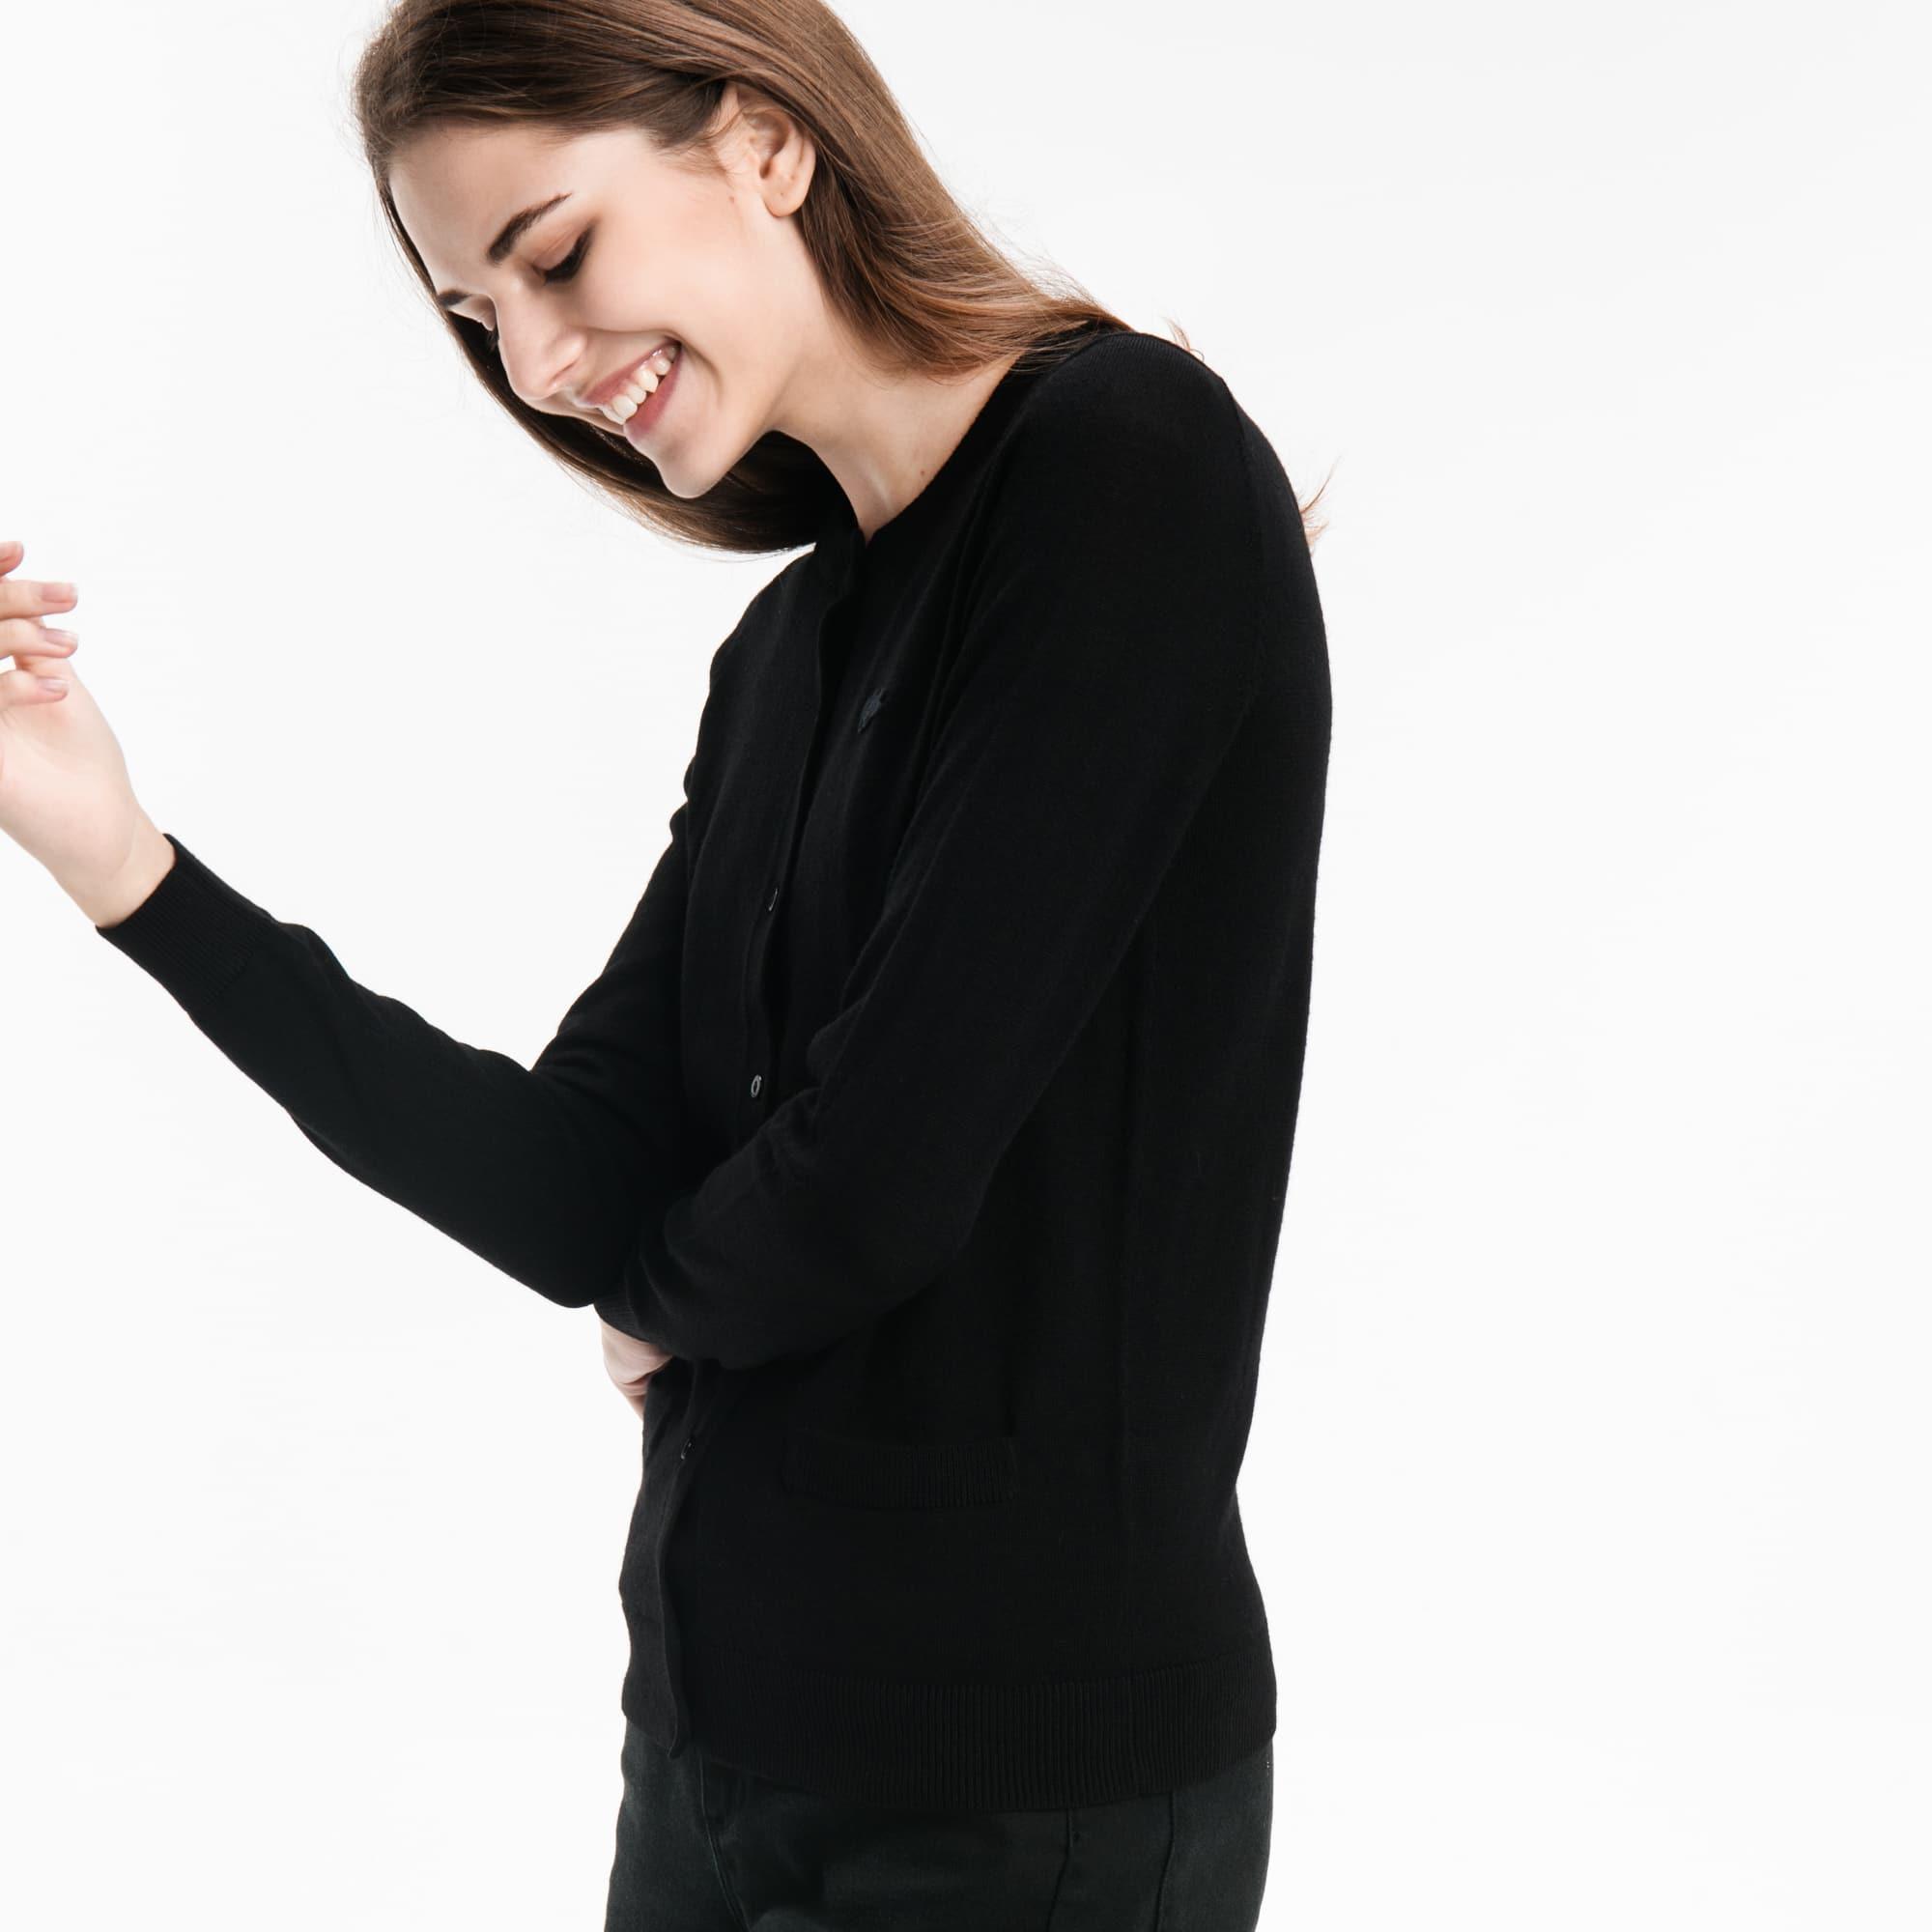 女士圆领羊毛平纹针织面料开襟羊毛衫